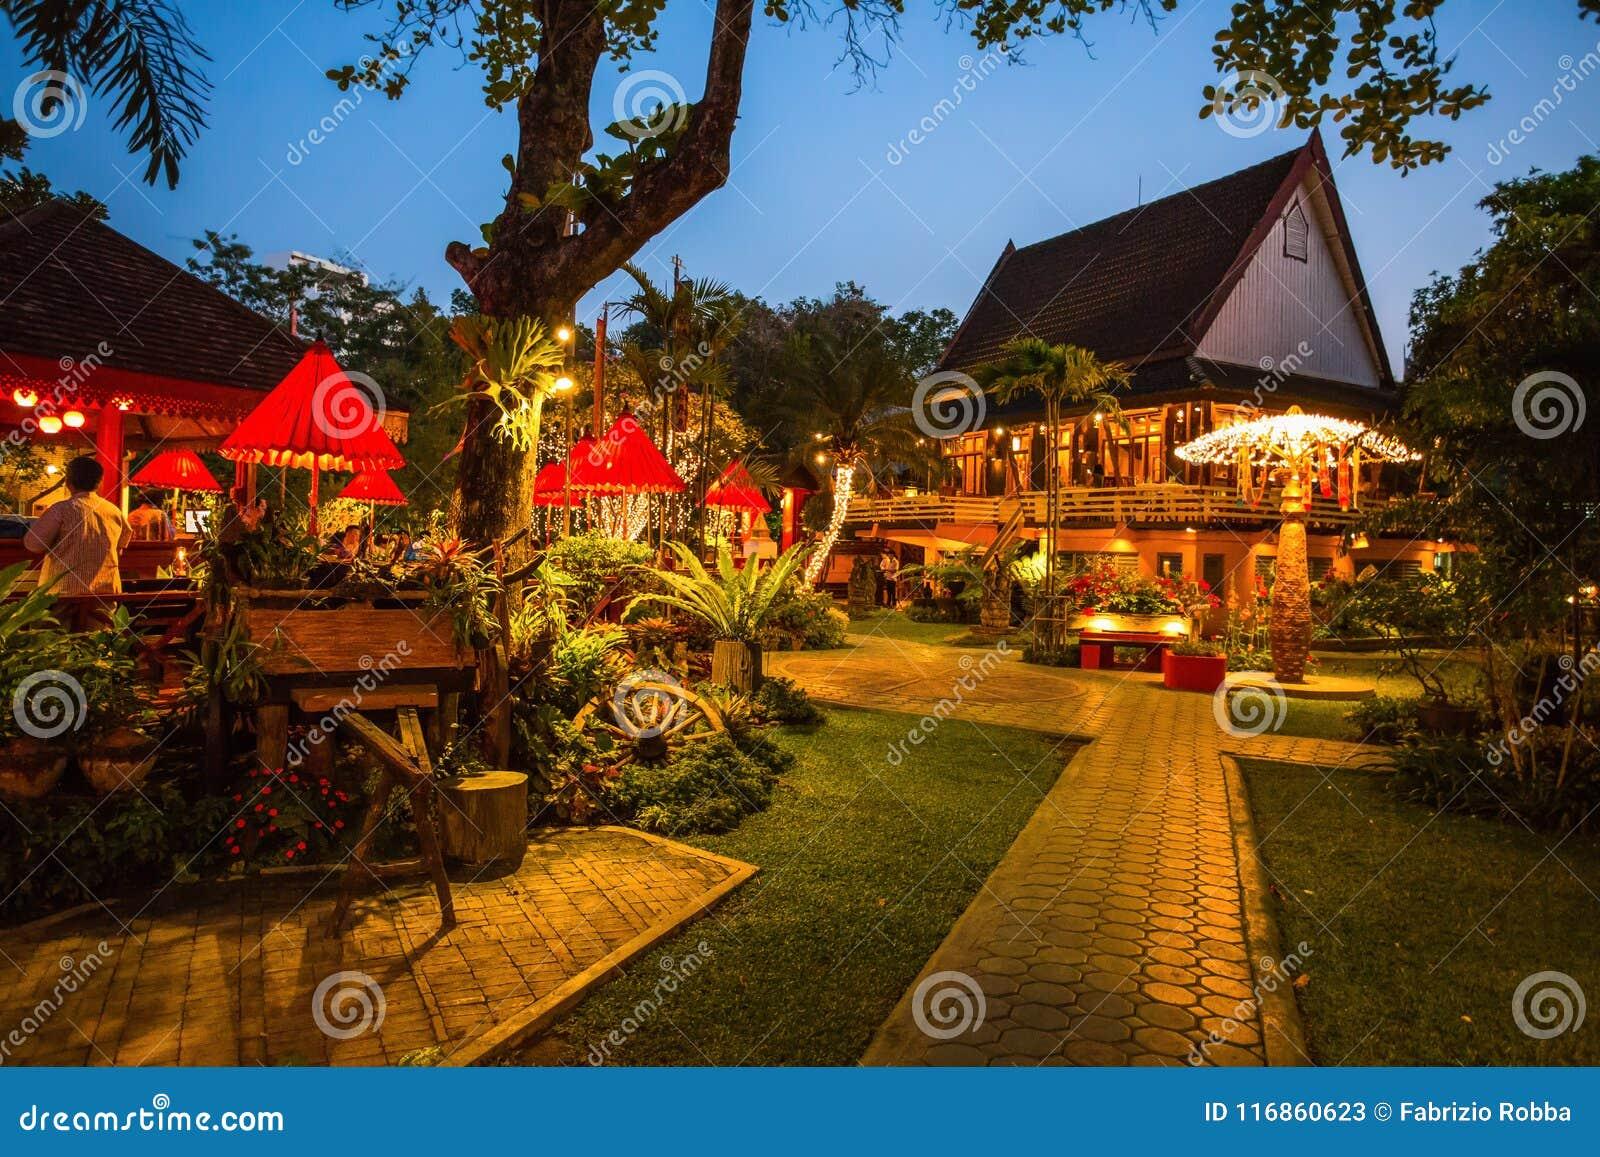 Ένα κομψό και χαρακτηριστικό ταϊλανδικό εστιατόριο σε Chiang Mai τή νύχτα, Ταϊλάνδη